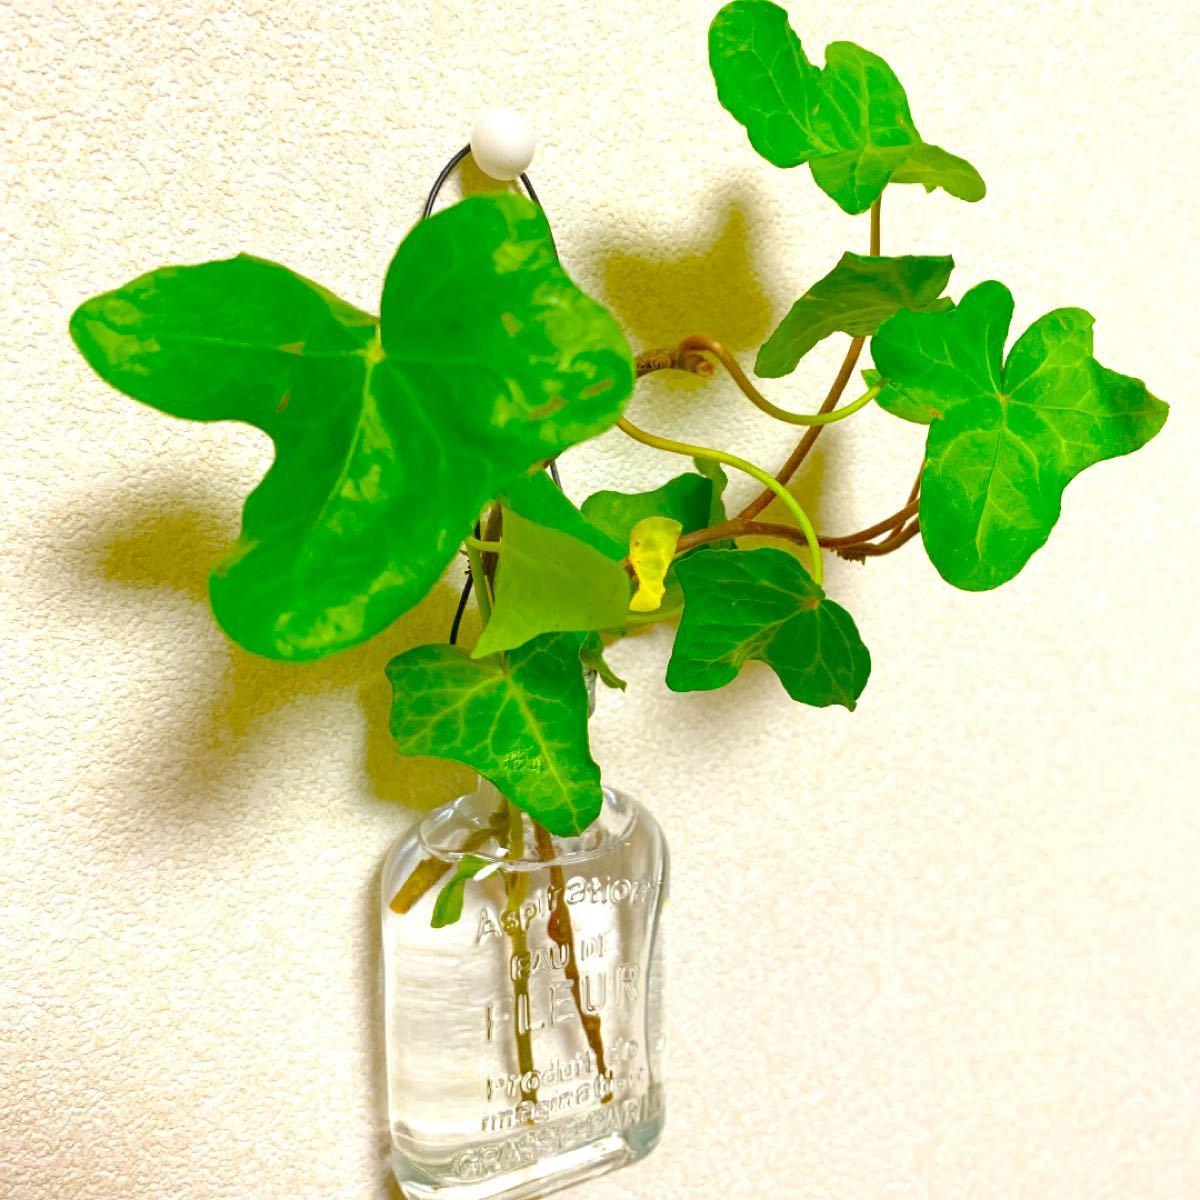 【癒し空間】送料込み アイビー インテリア 観葉植物&ガーデン